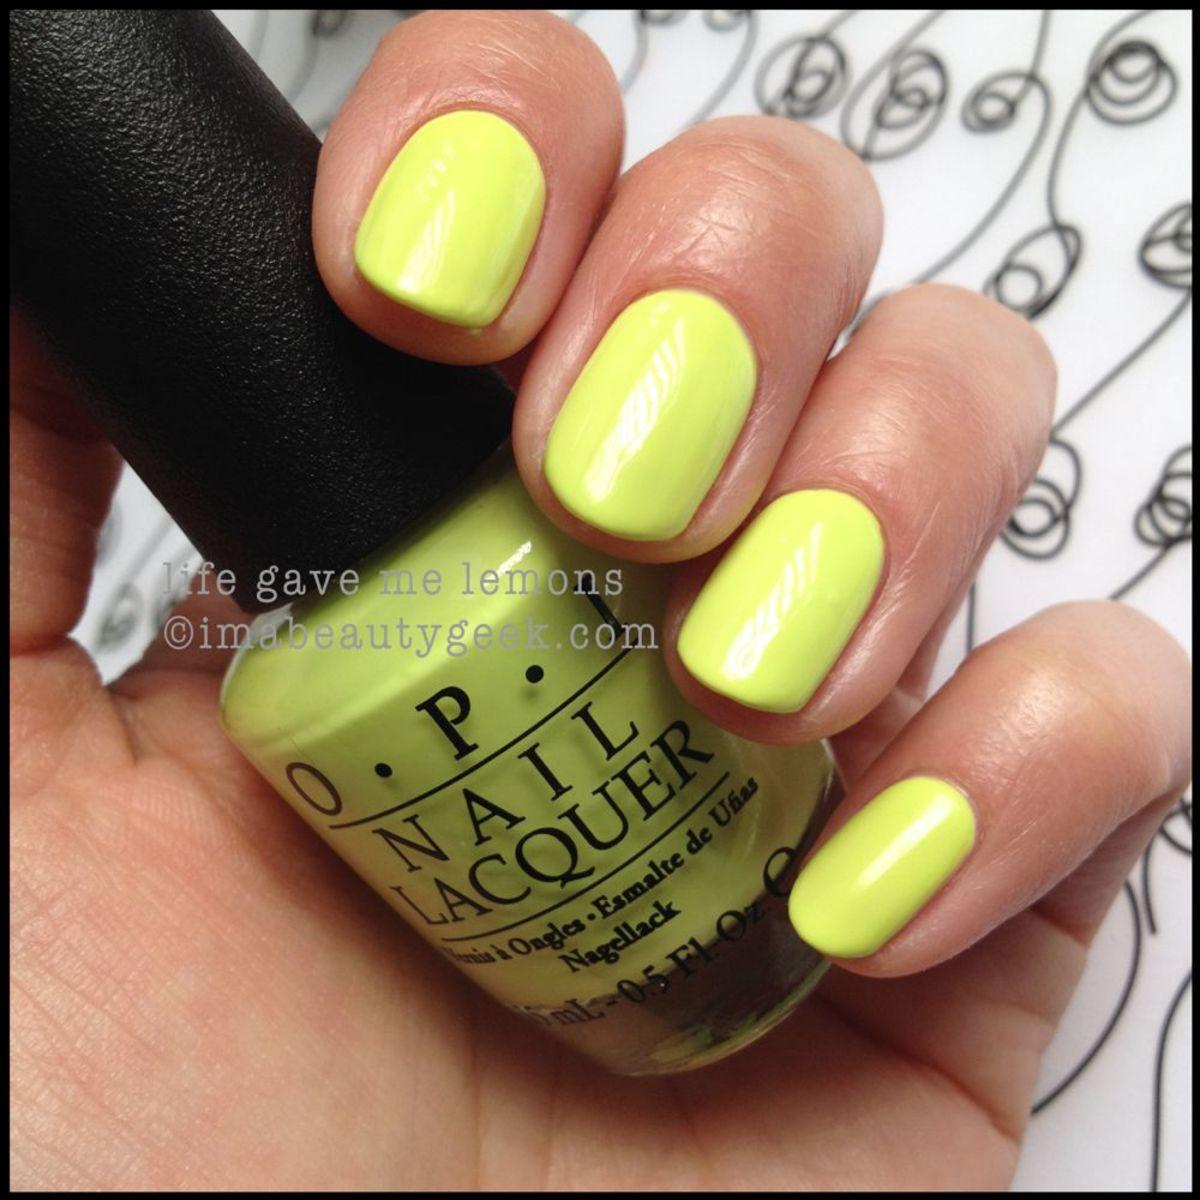 OPI Neon Life Gave Me Lemons Neon 2014